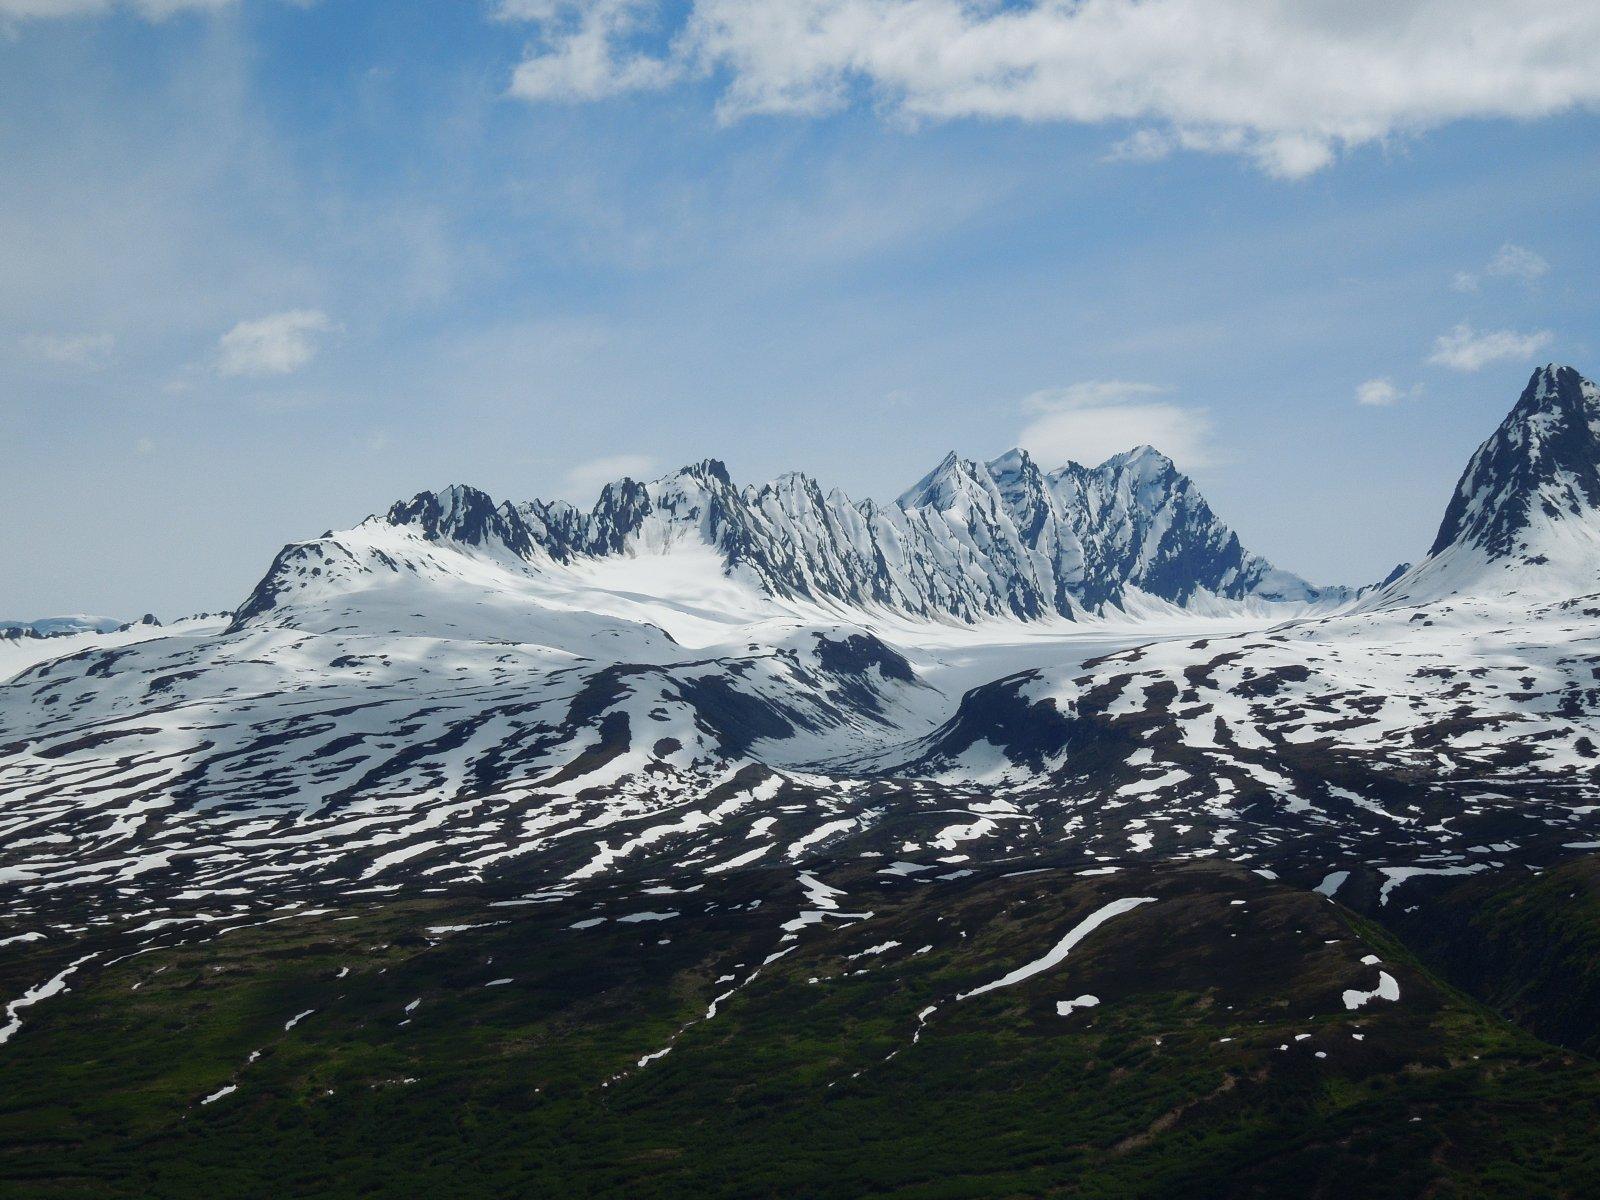 Click image for larger version  Name:Glennallen to Valdez 089.jpg Views:49 Size:326.7 KB ID:215338